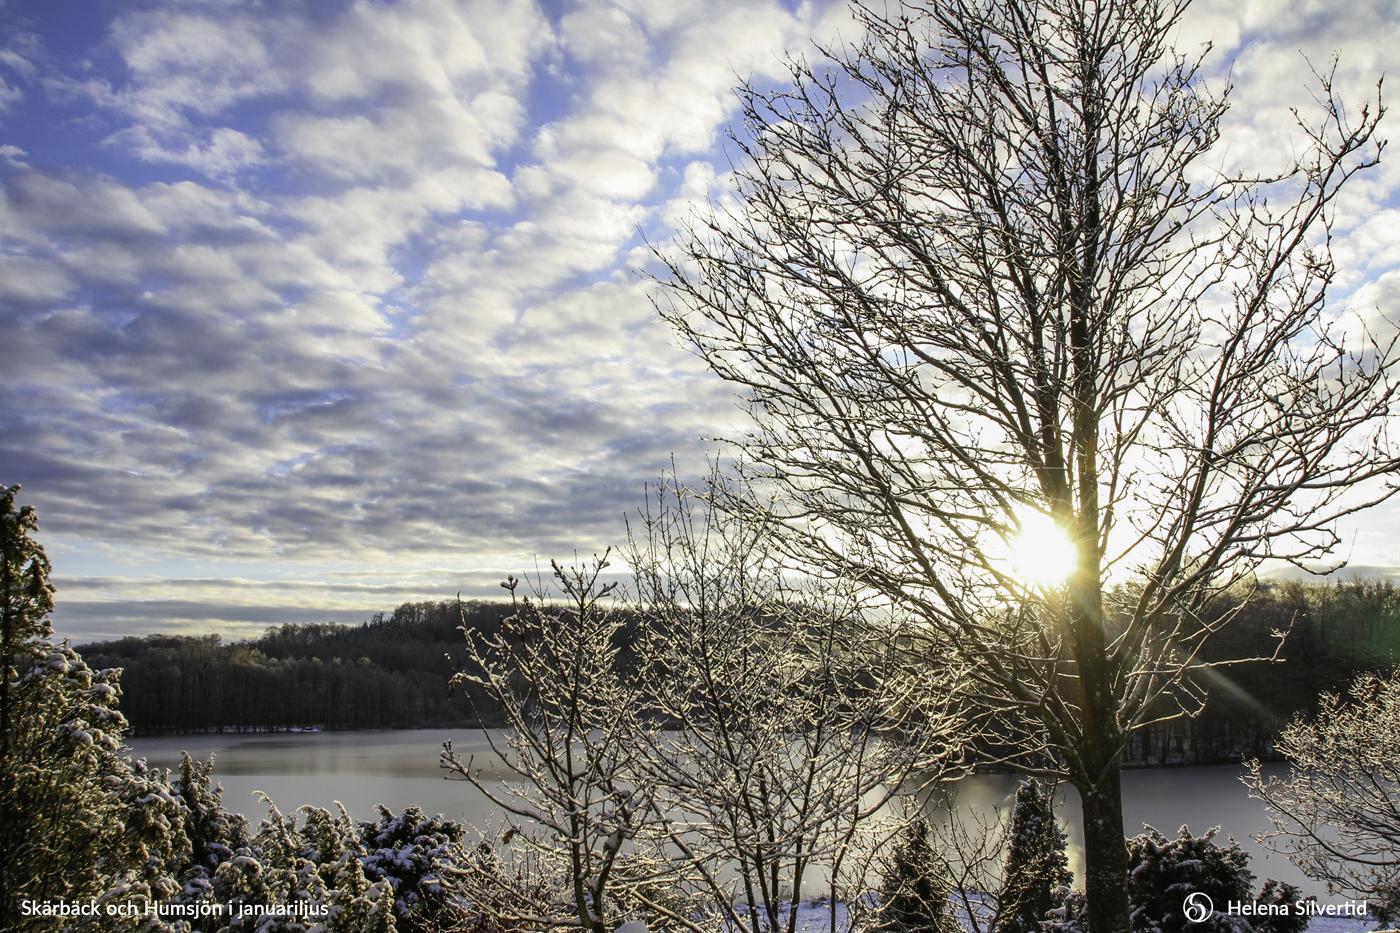 01-2021-Januari-Skärbäck-och-Humsjön-i-januariljus-Foto-av-Helena-Silvertid